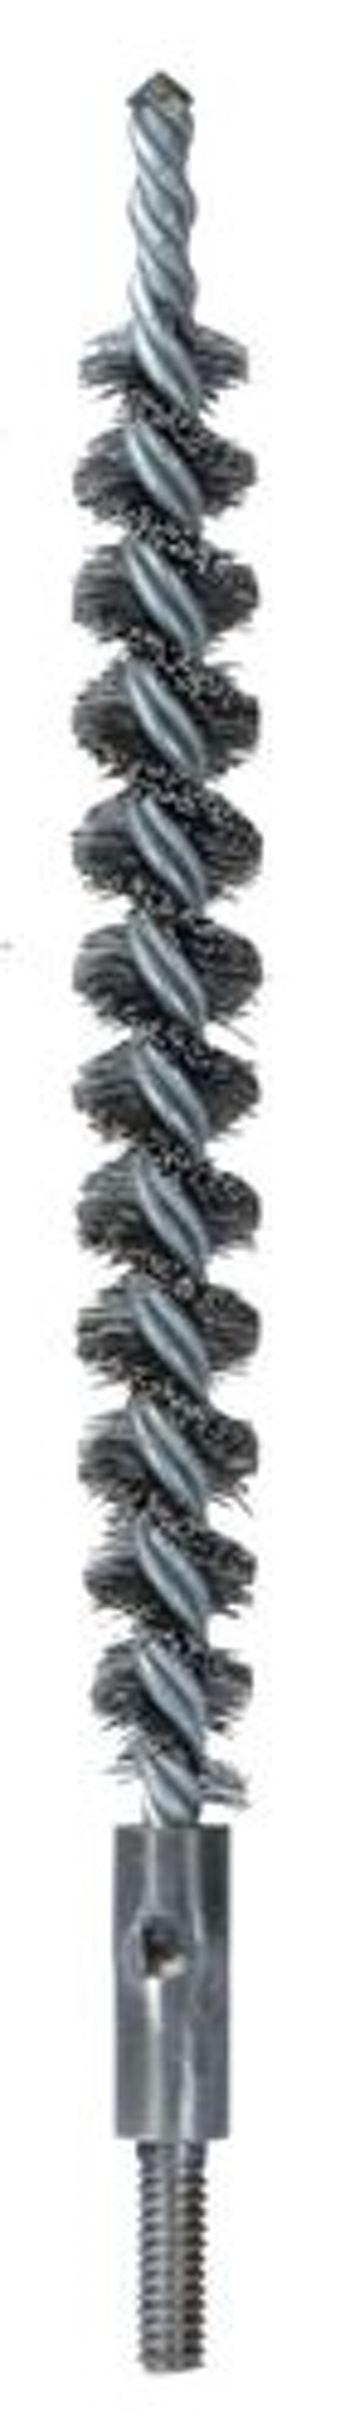 Escova Tubular 32mm Fio 0,40mm - Abrasfer - T3000-32MM - Unitário